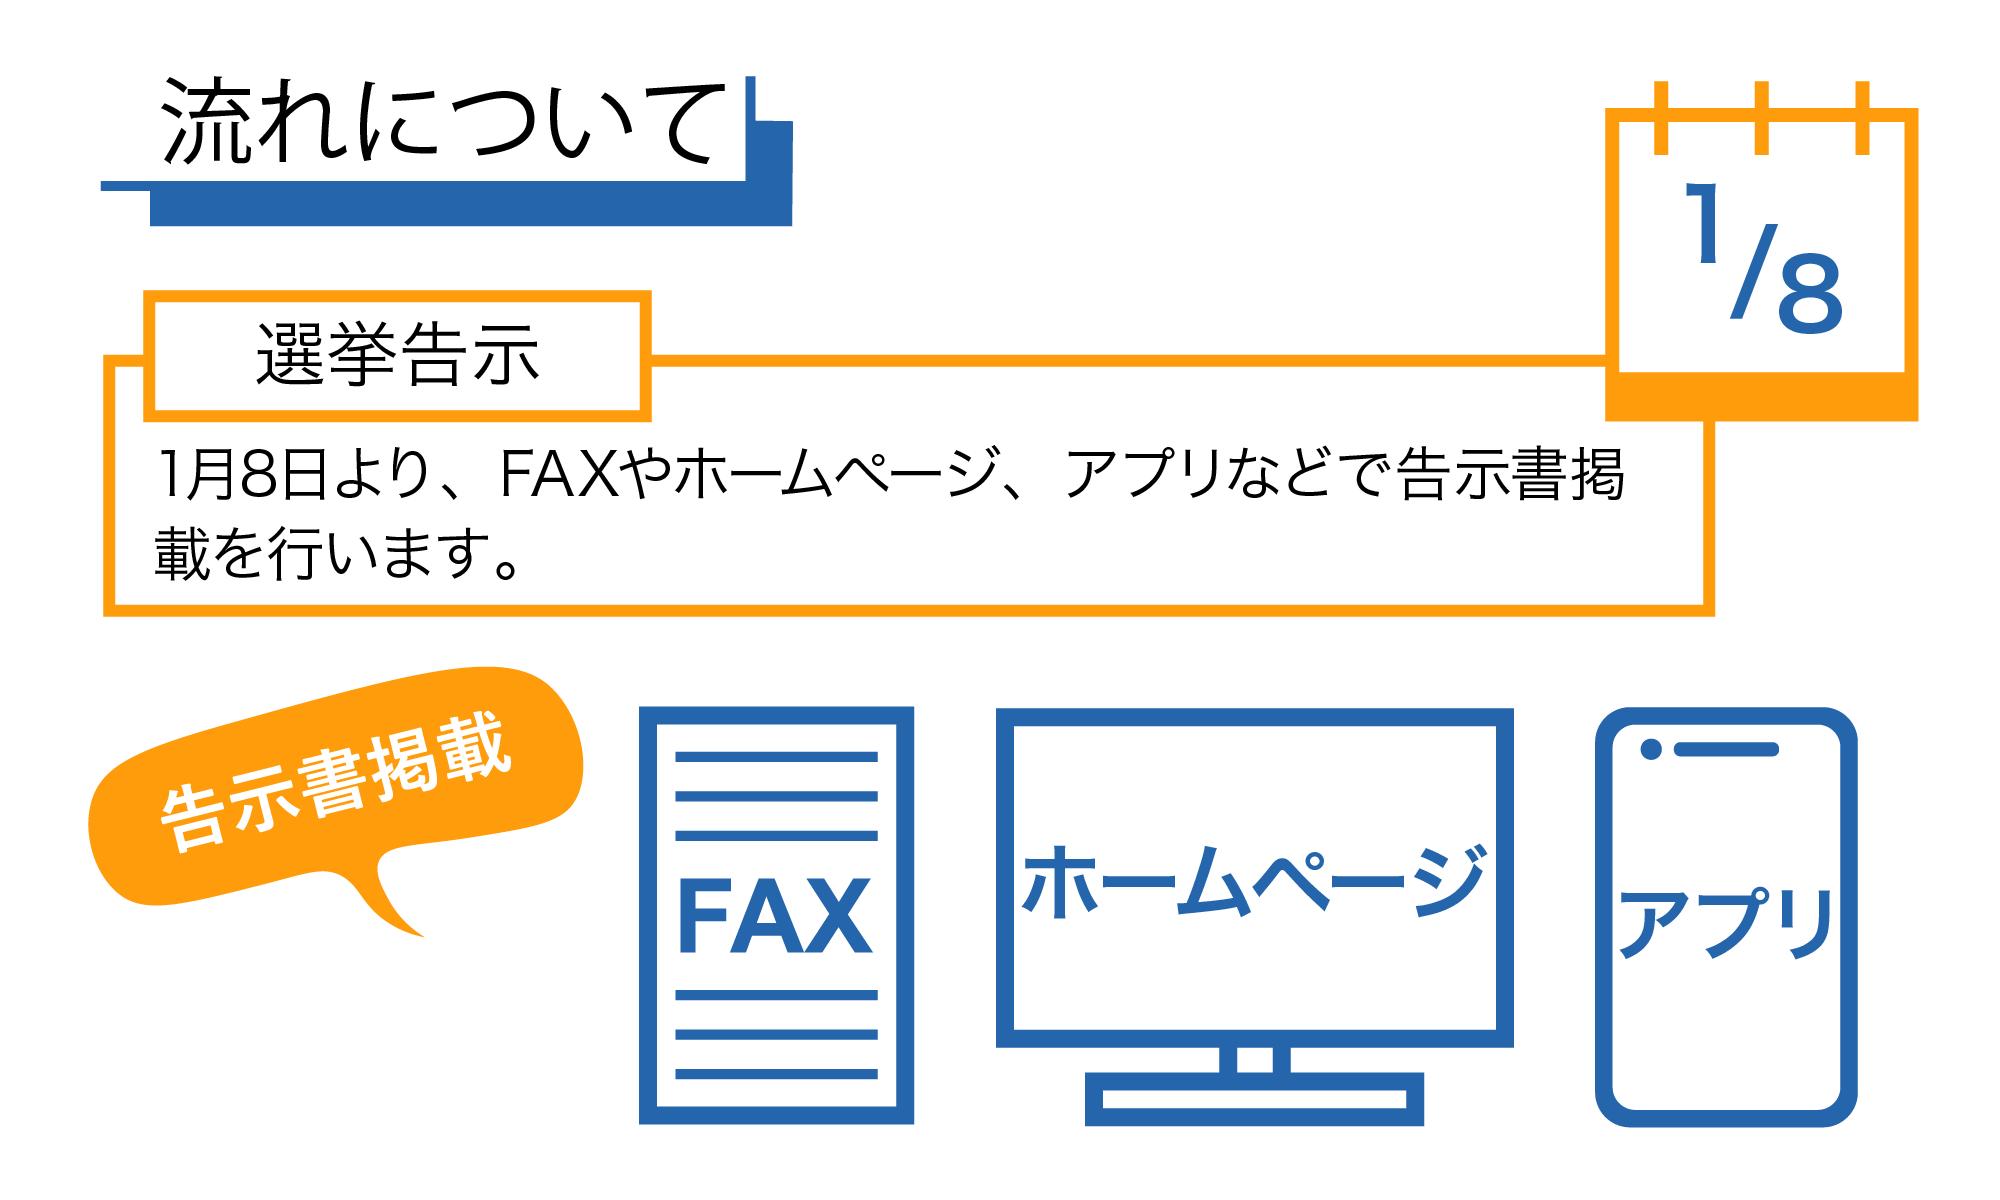 協会 ページ マイ 日本 理学 士 療法